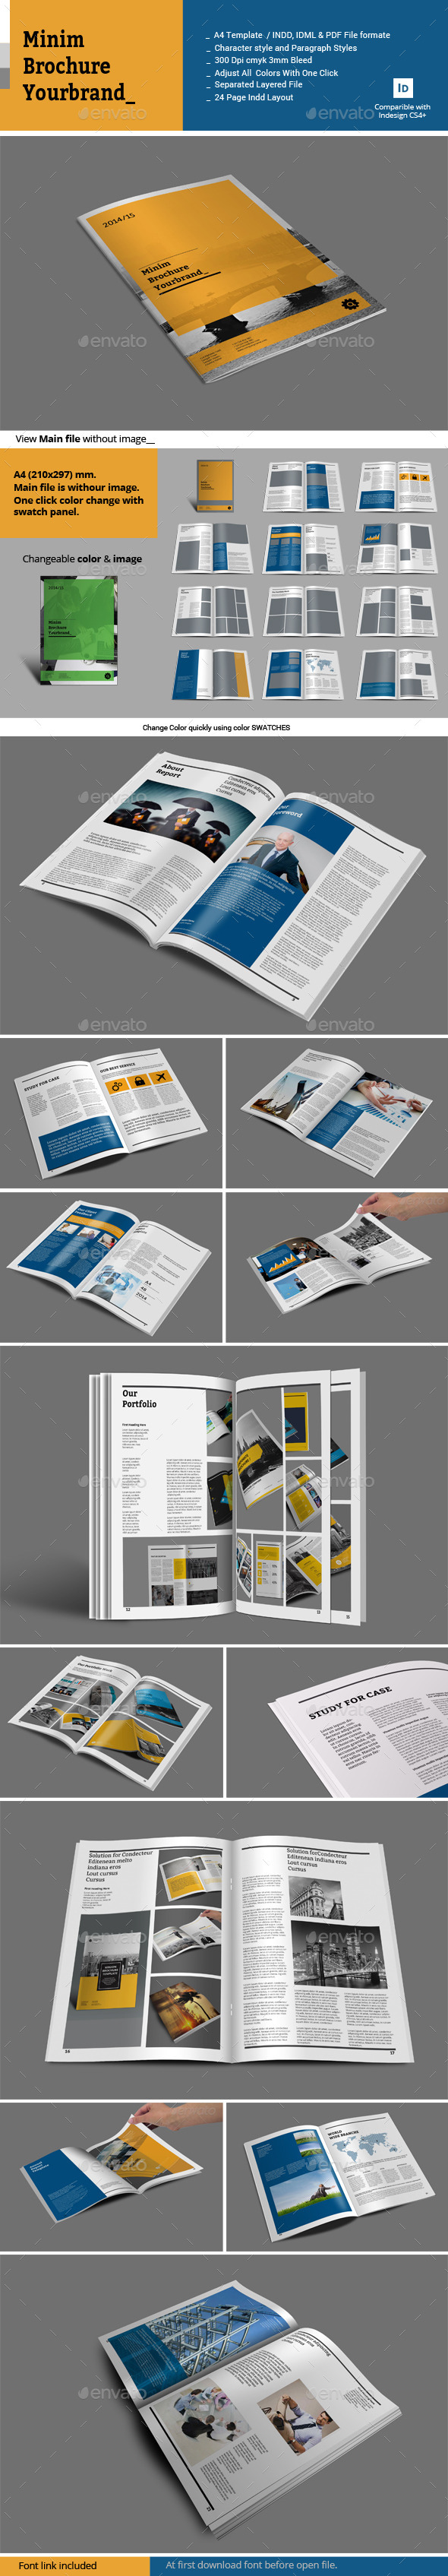 GraphicRiver Minim Brochure Template 10603006